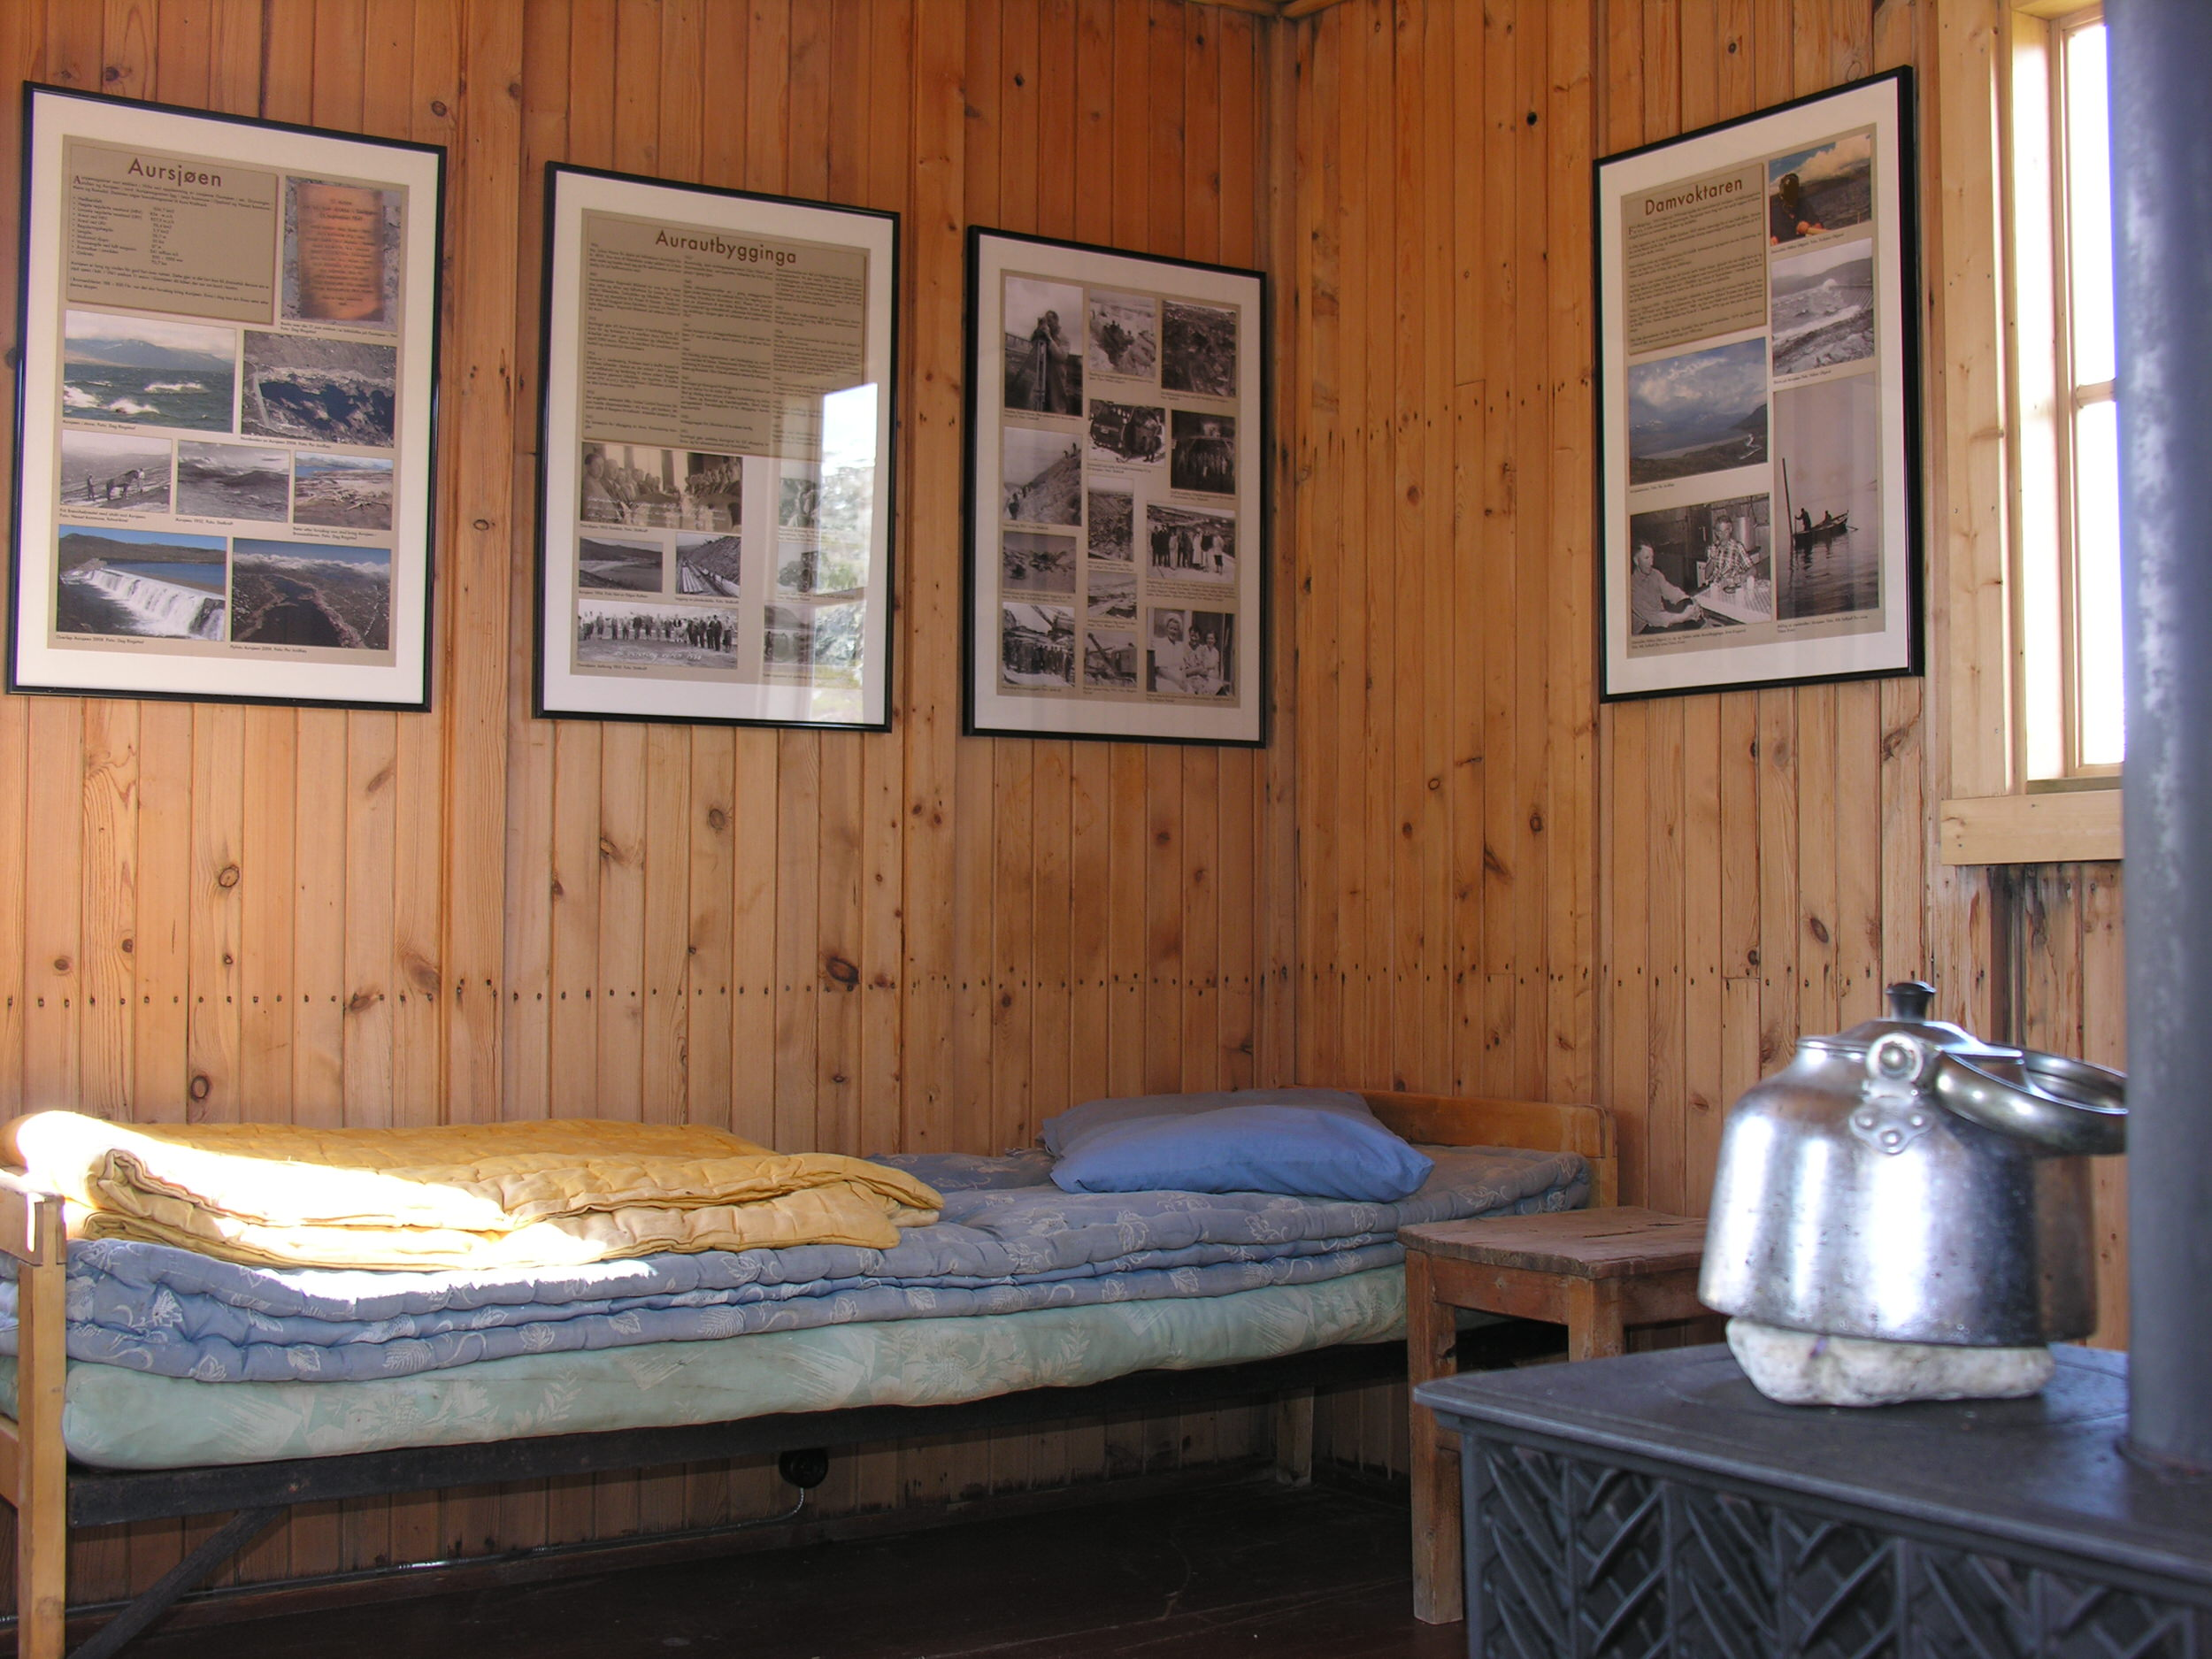 Fotoutstilling 2 Aursjøen. Foto Dag Ringstad.jpg